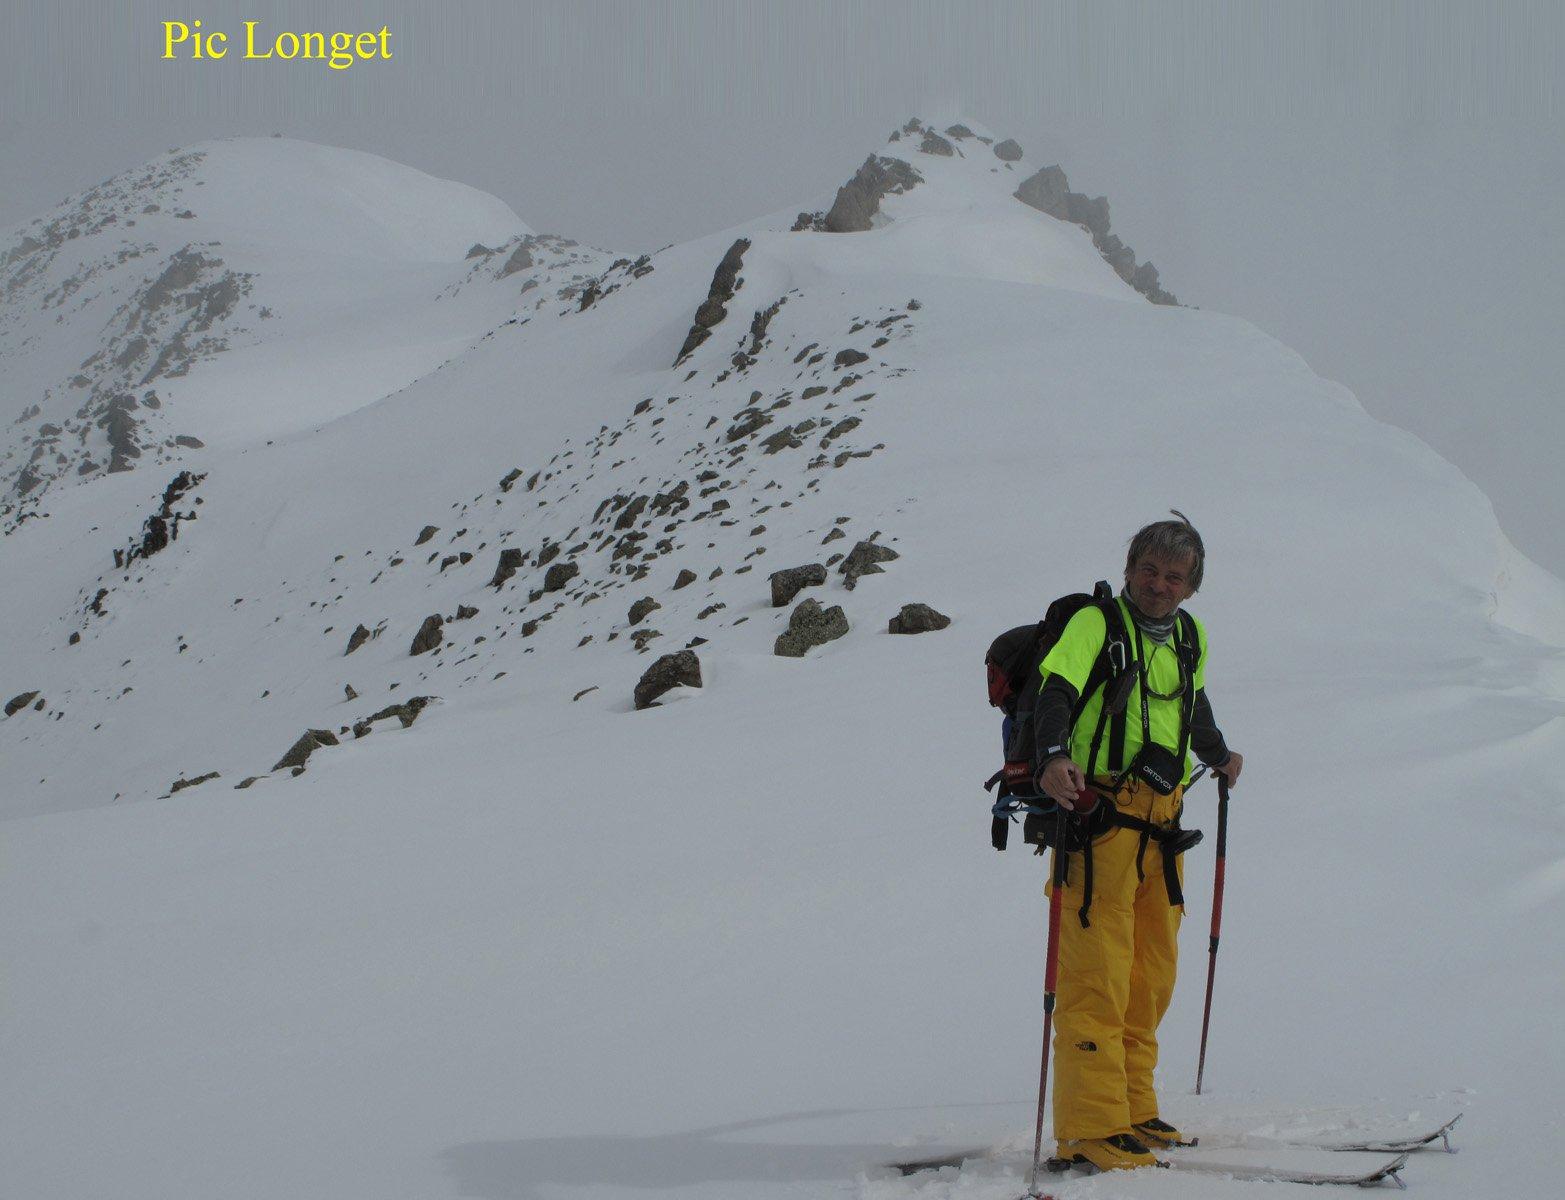 La cresta finale dal col Longet